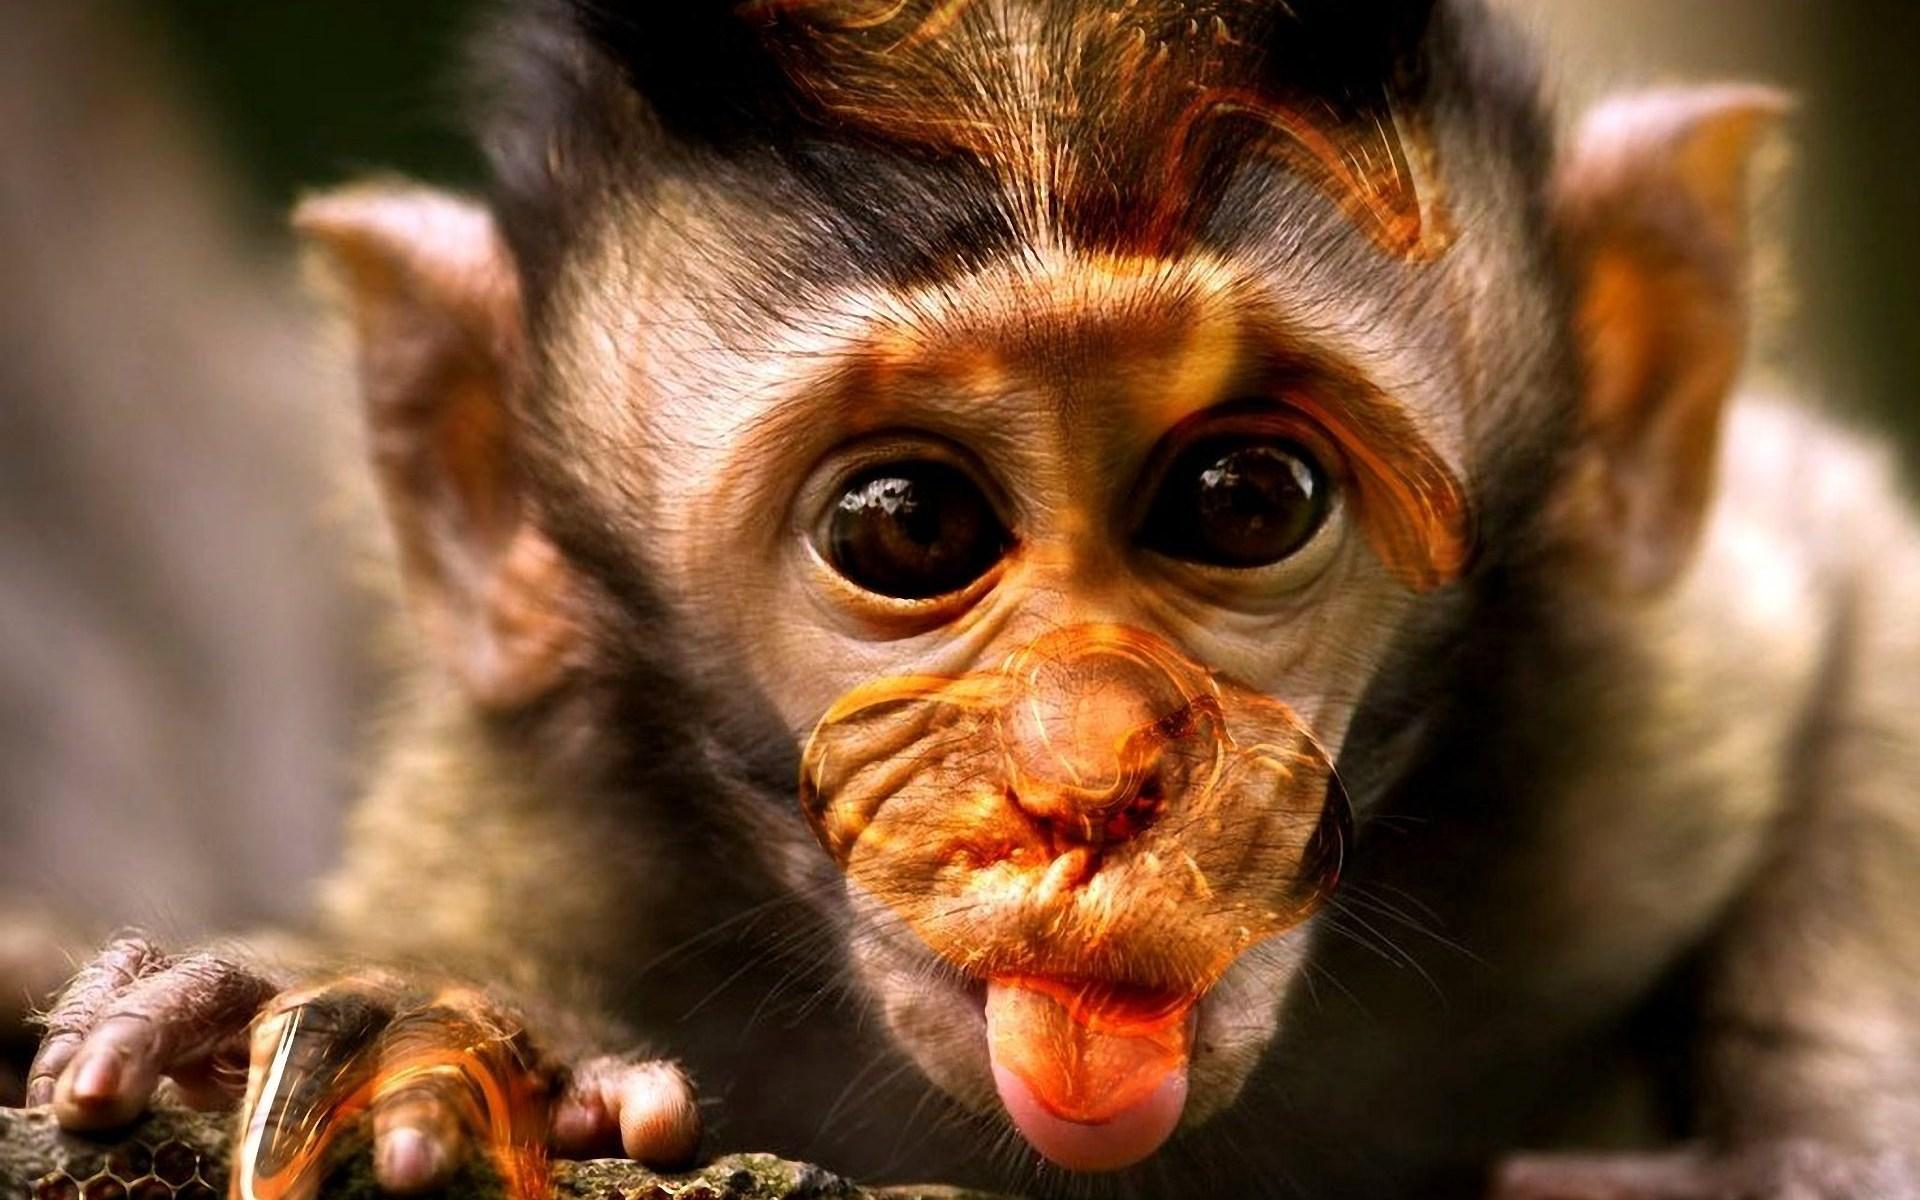 بالصور صور القرود اجمل صور القرود صور قرود مضحكة , خلفيات للشمبانزي روعه 4504 6